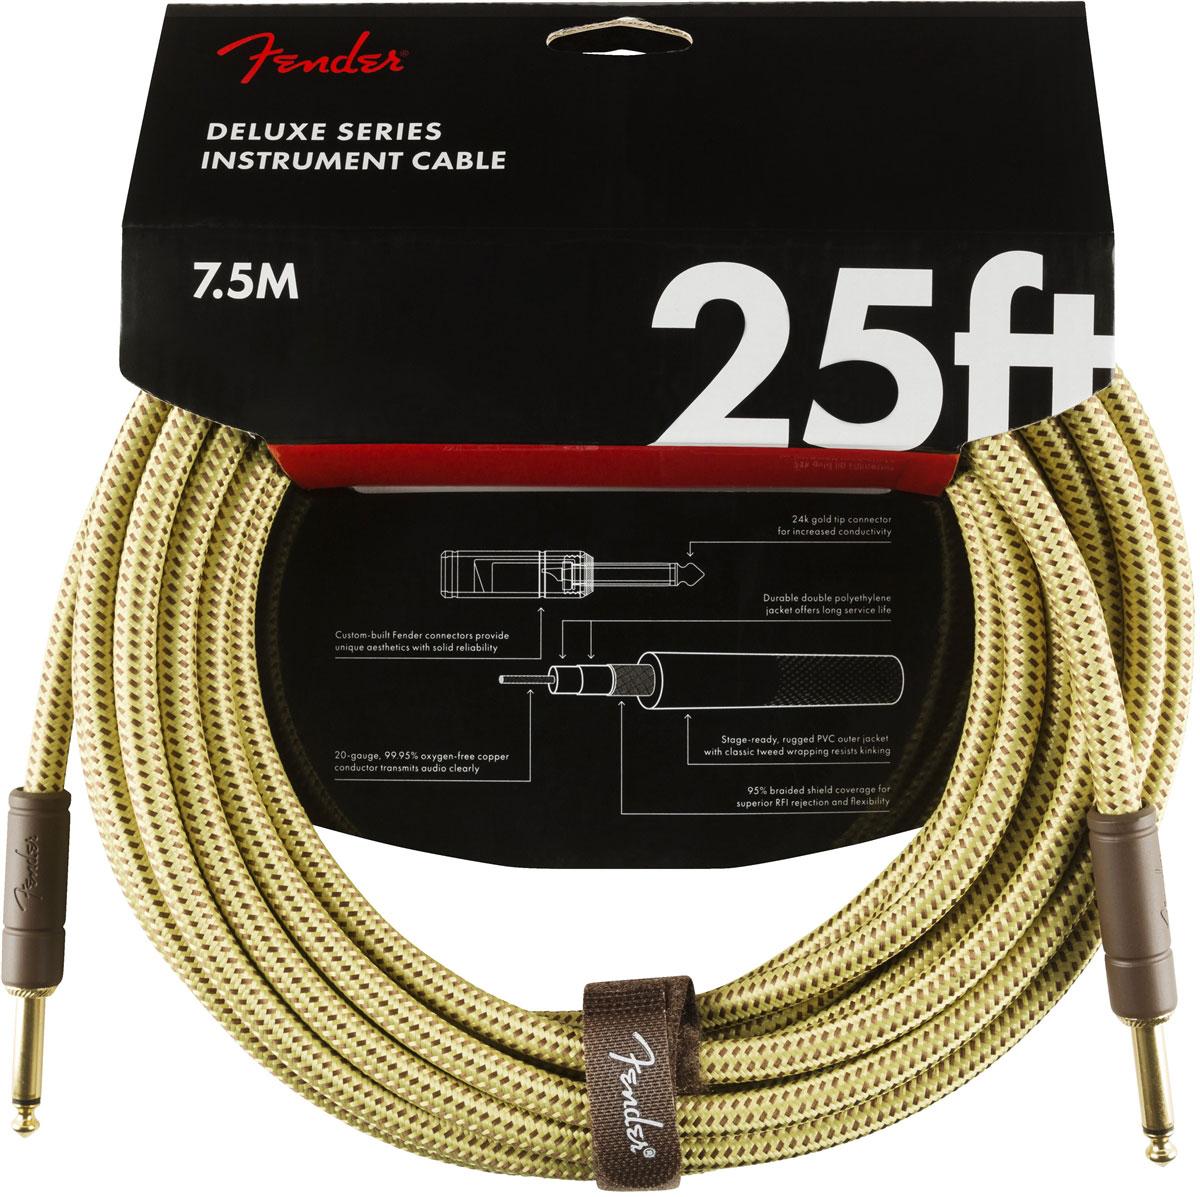 Cable Jack Alpha Audio  Black 3M  Jack coudé Jack droit 6,35mm Abgled//Straight